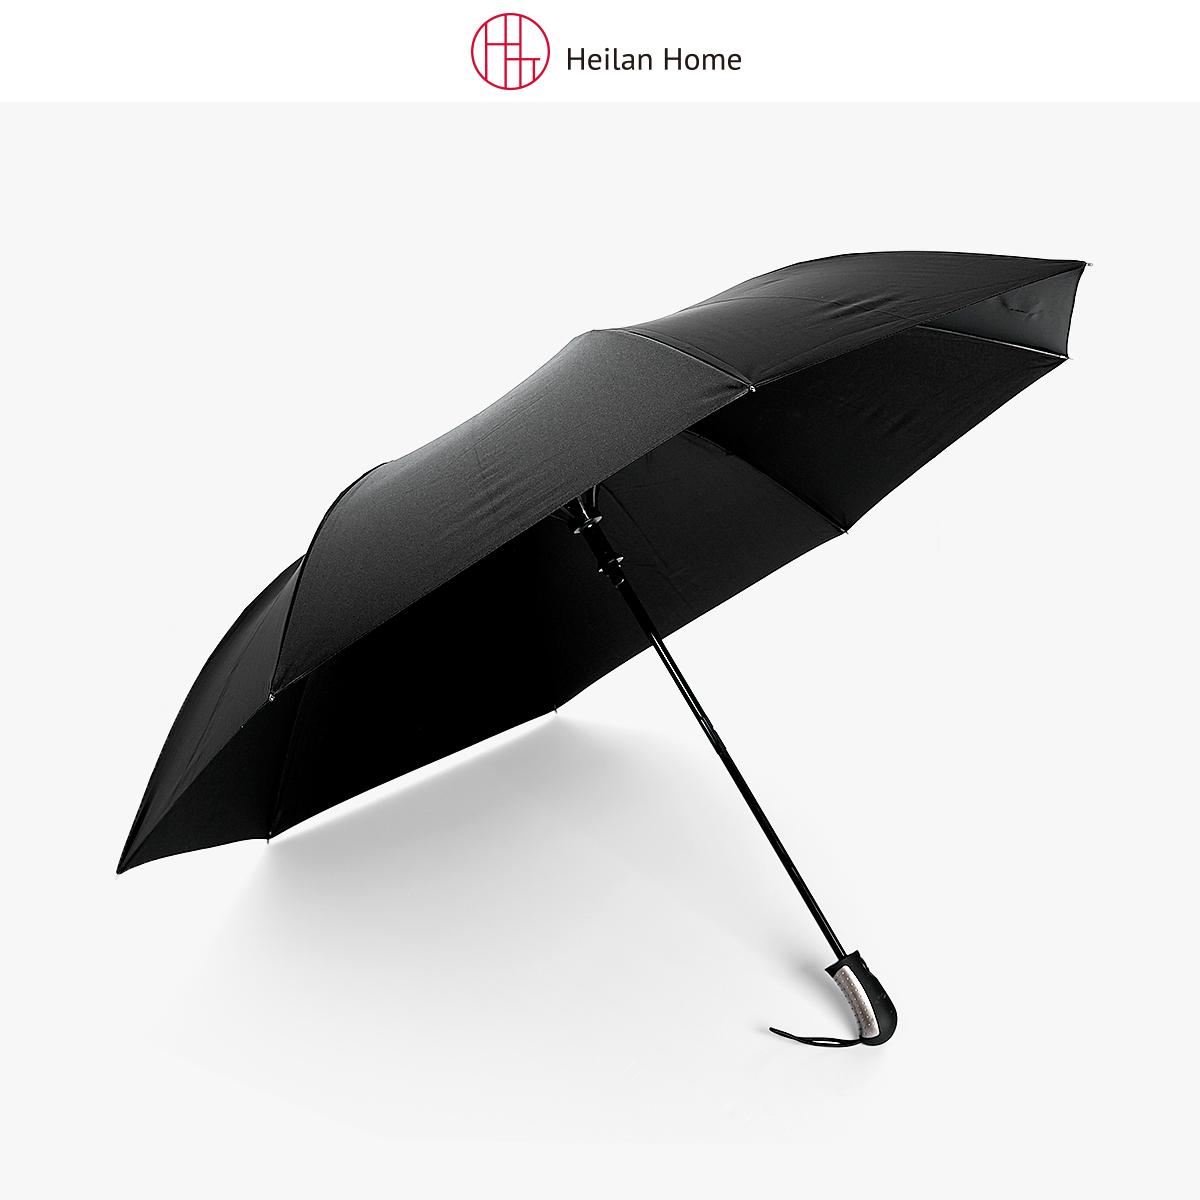 二折黑色开收伞